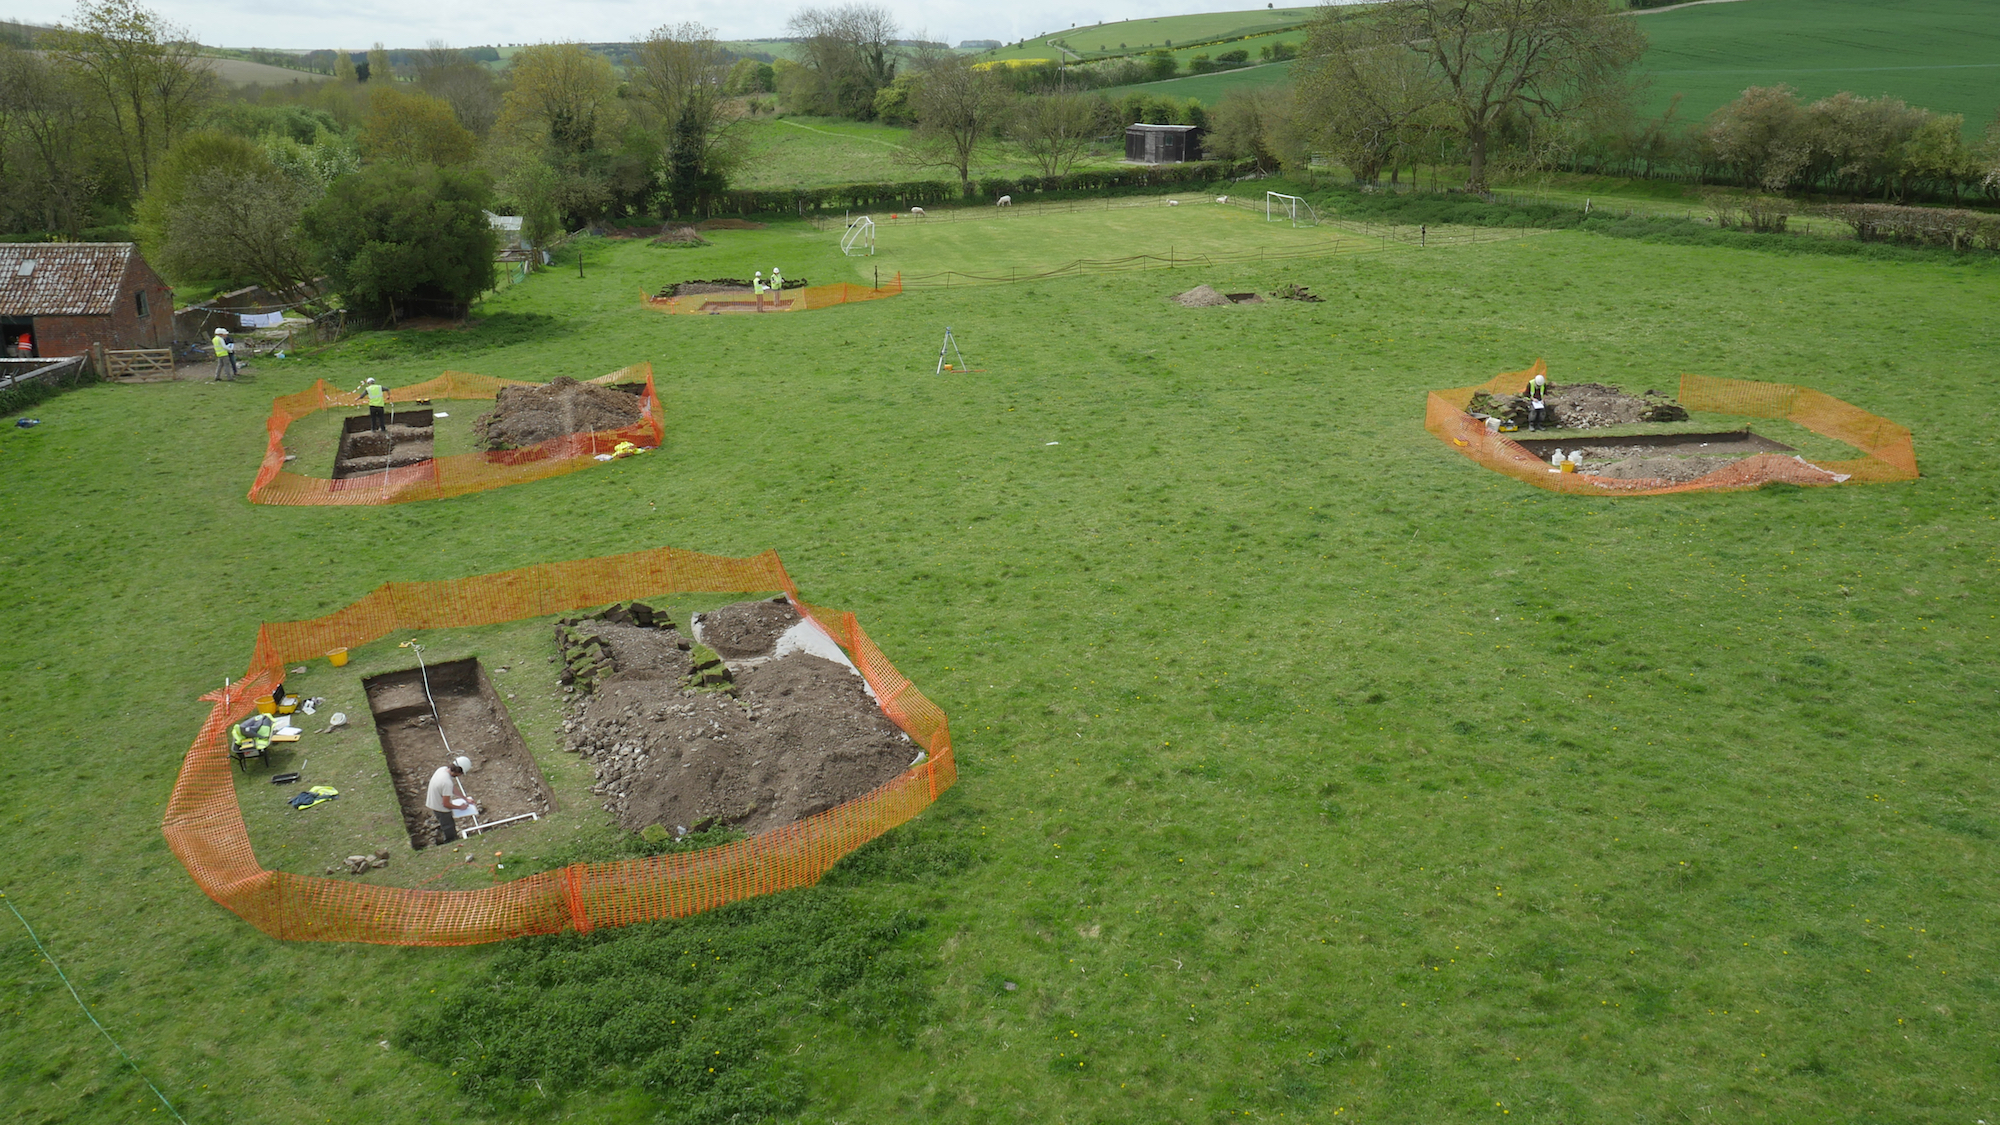 Villa romana descubierta en el jardín de un diseñador irlandés